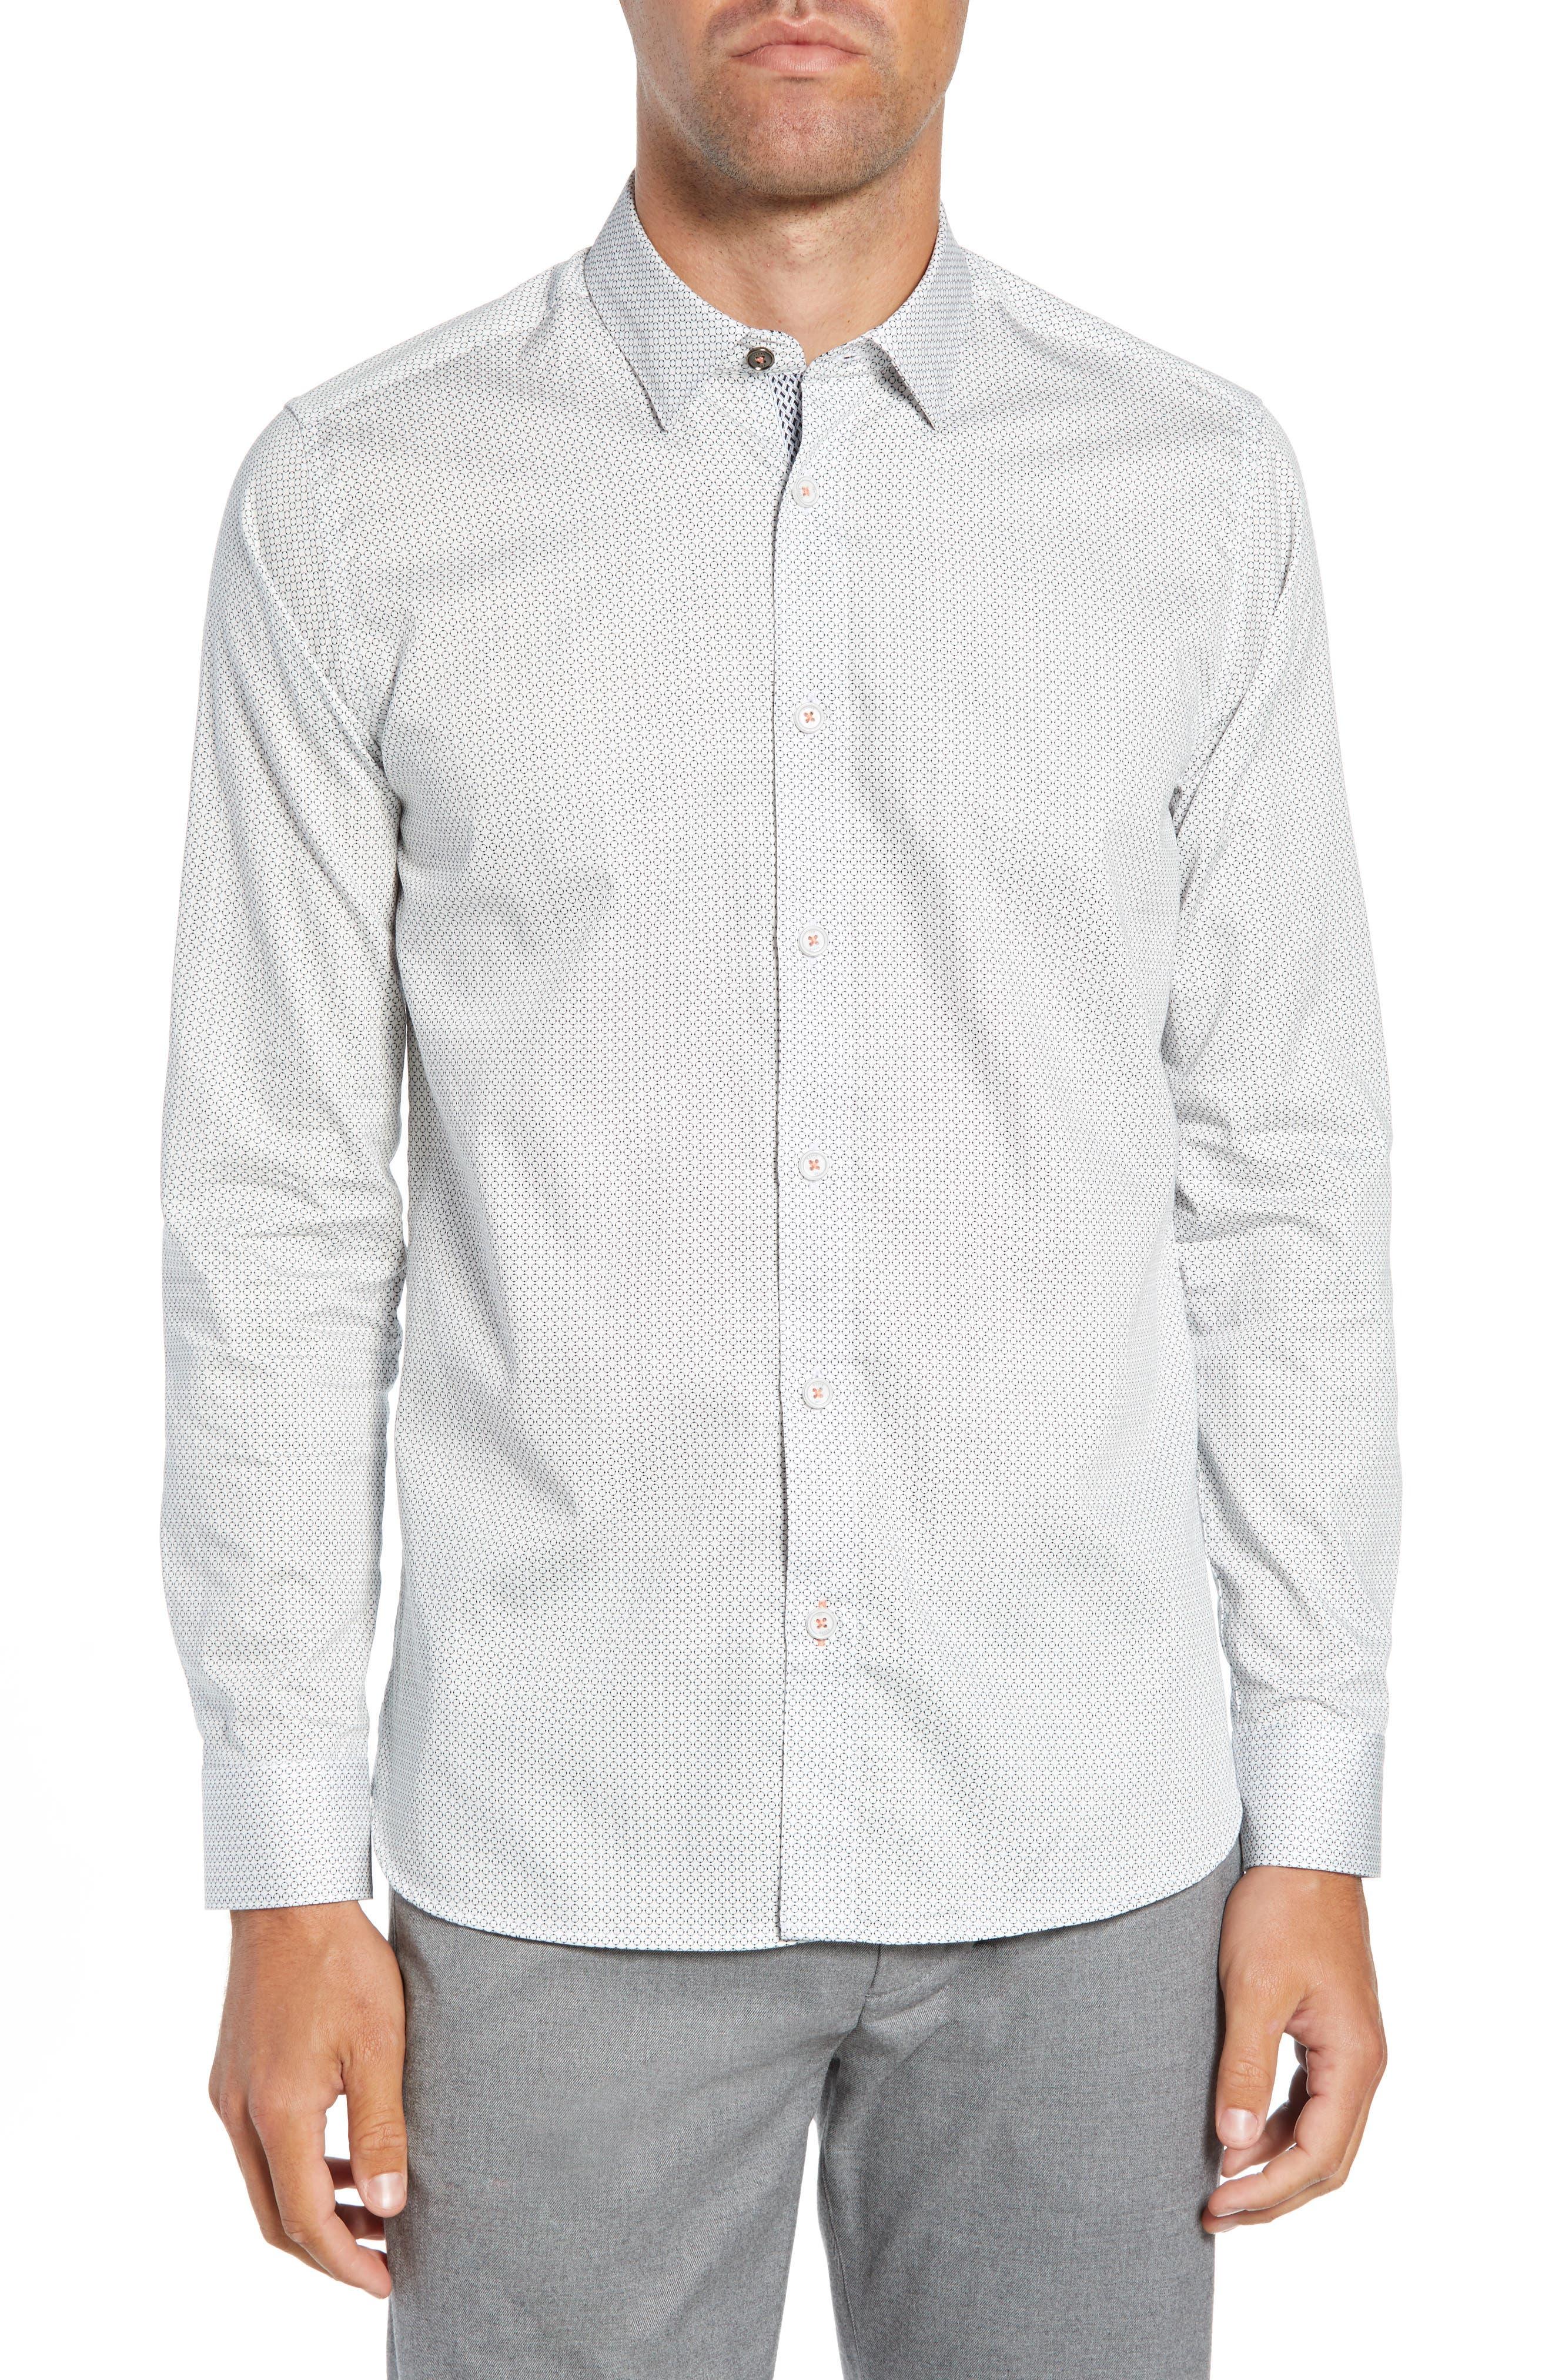 Jenkins Slim Fit Geometric Sport Shirt,                             Main thumbnail 1, color,                             WHITE